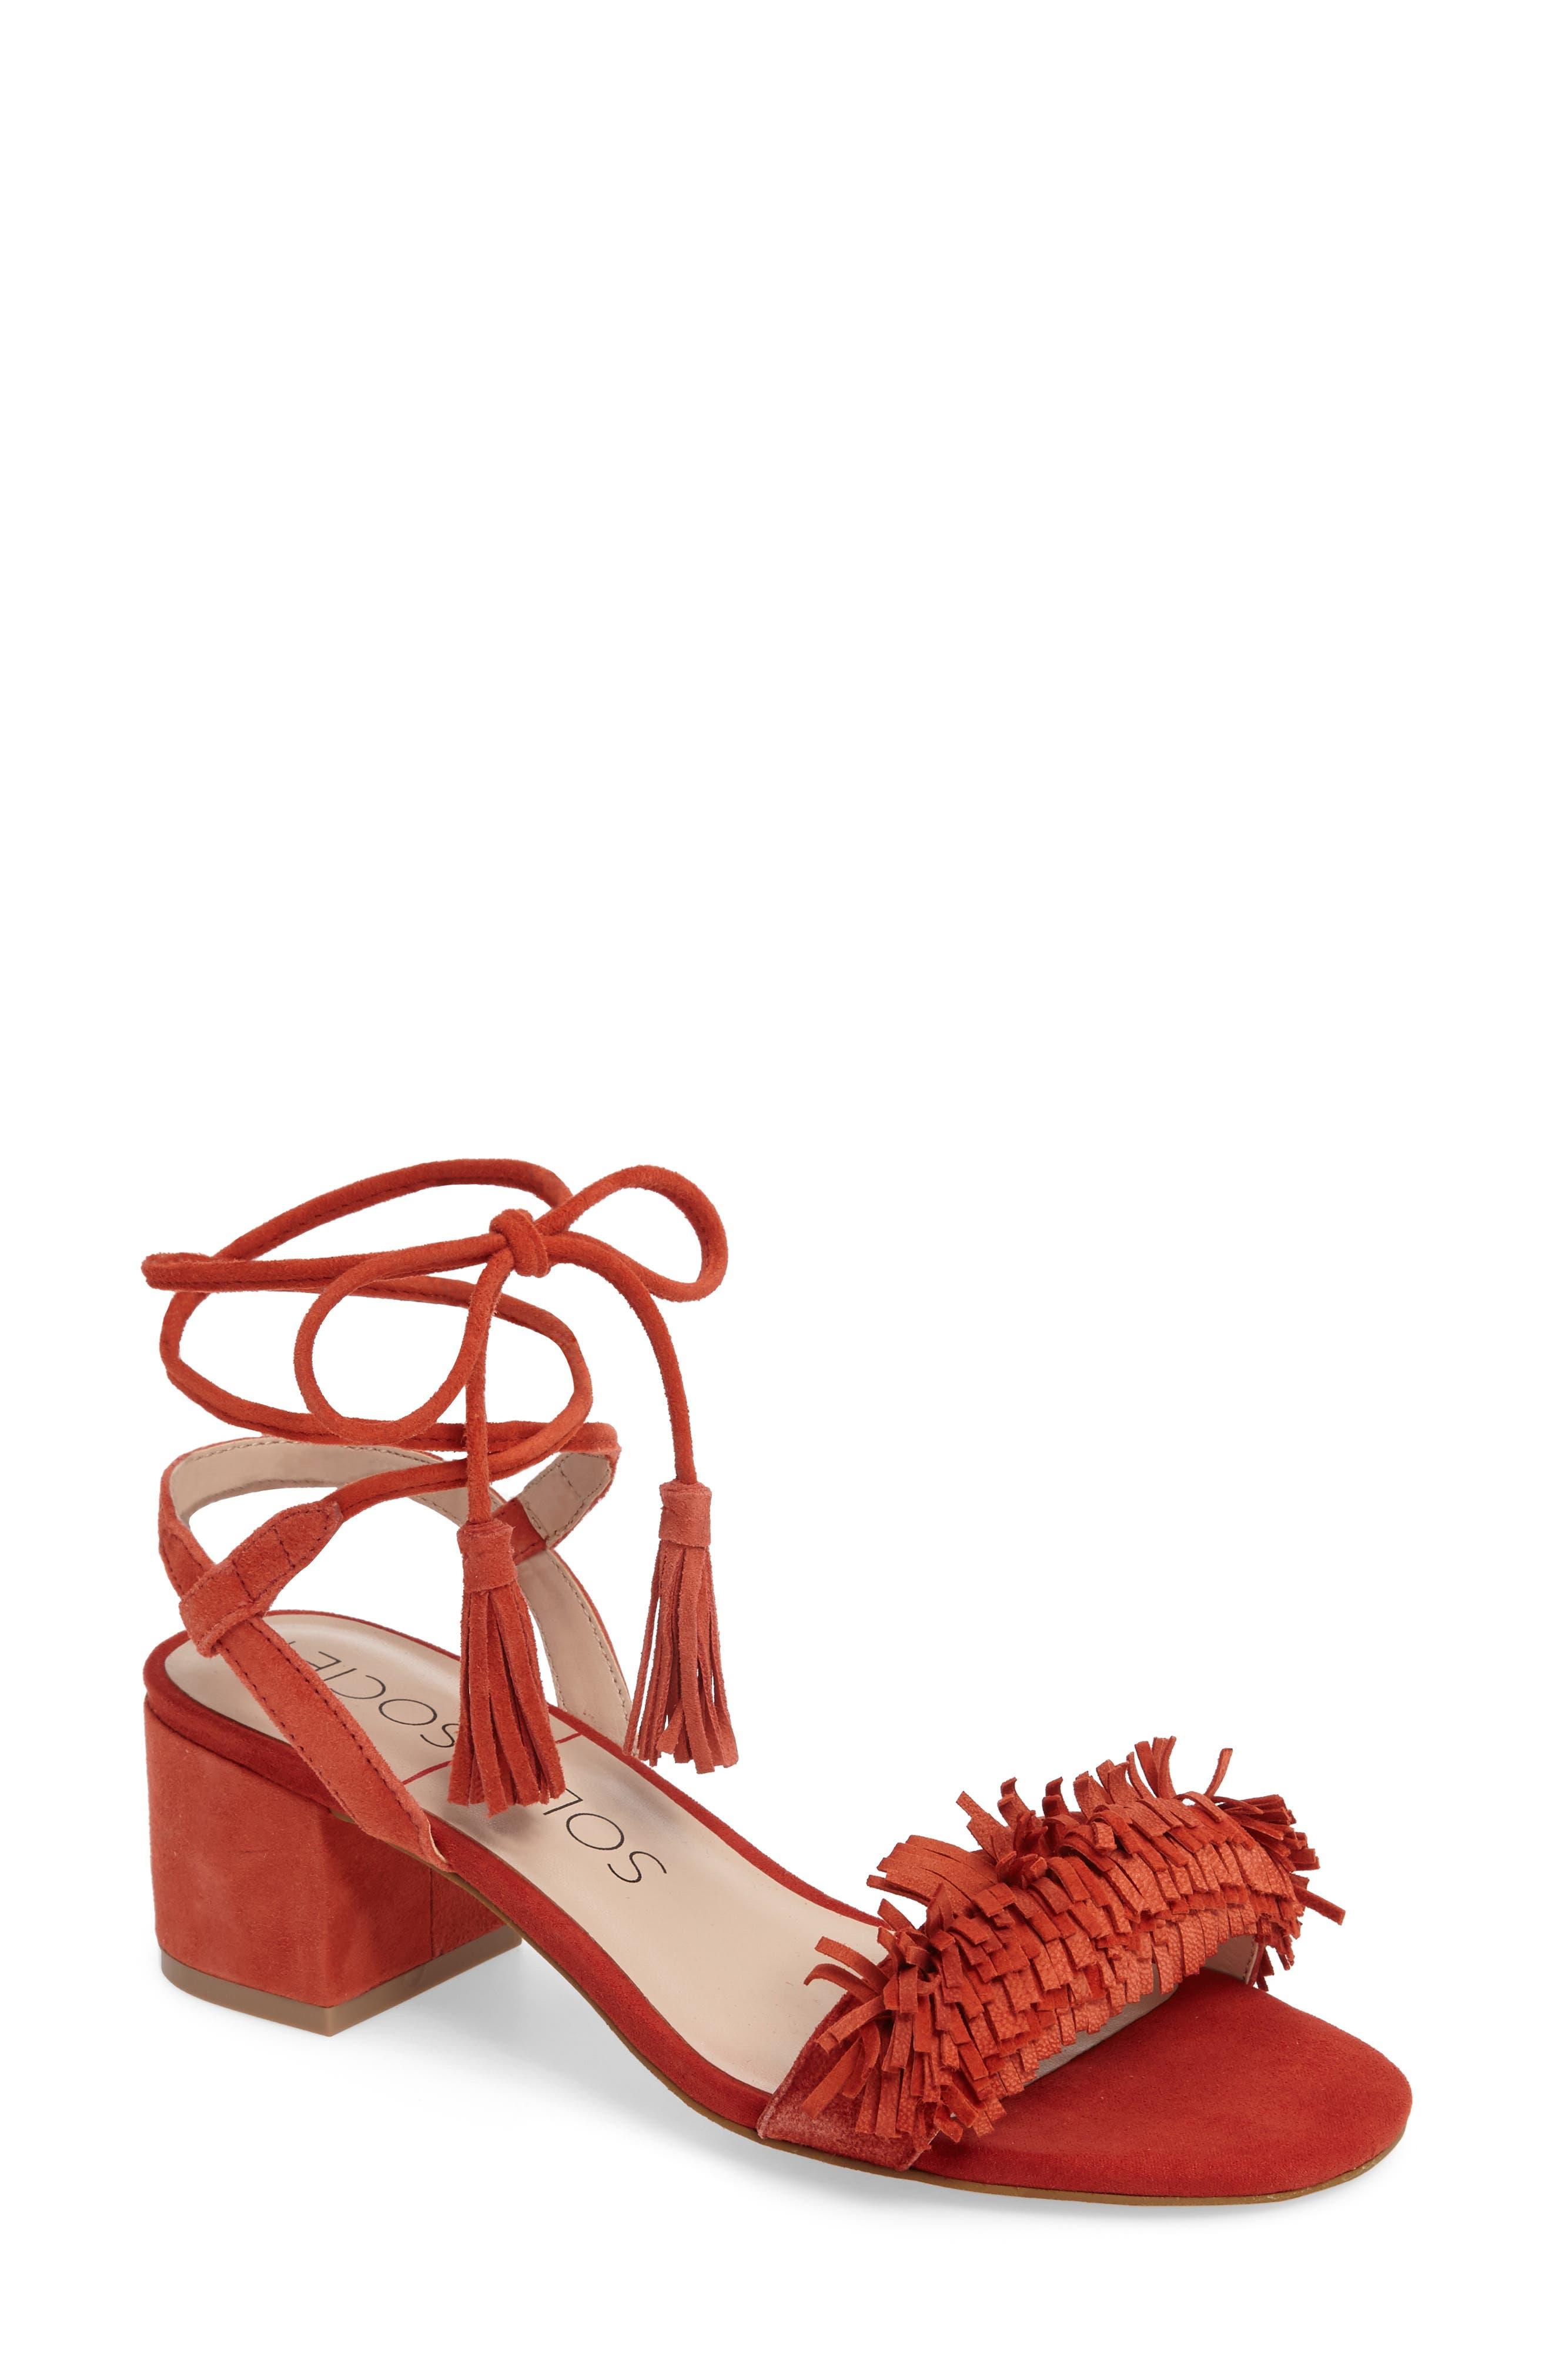 Alternate Image 1 Selected - Sole Society Sera Wraparound Fringe Sandal (Women)